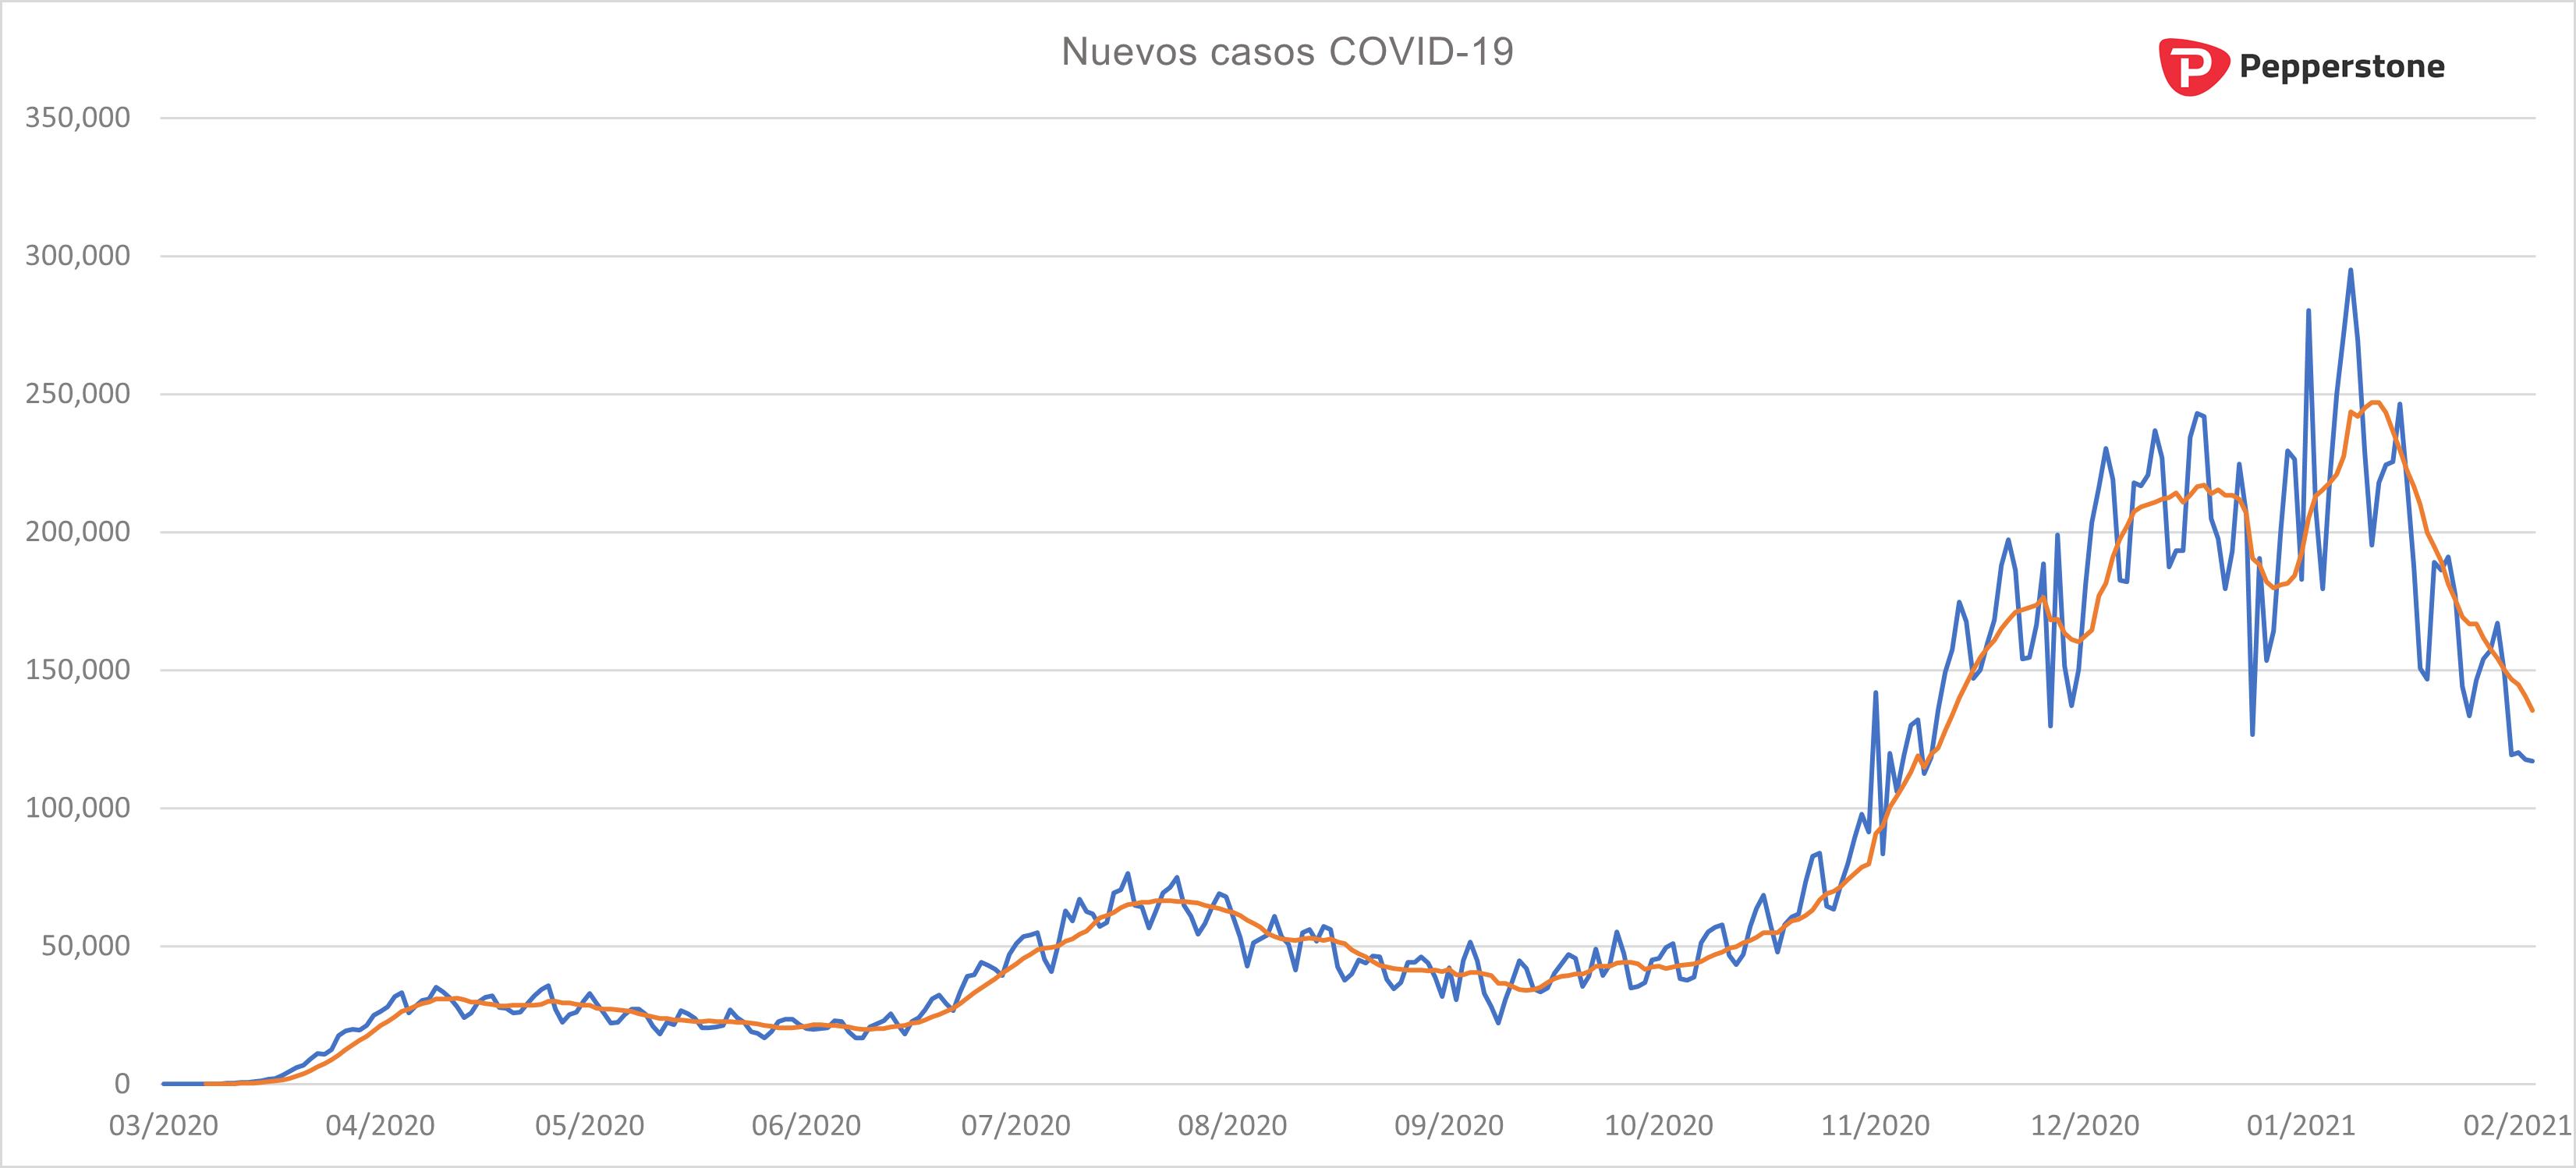 COVID-19_Nuevos_casos.png